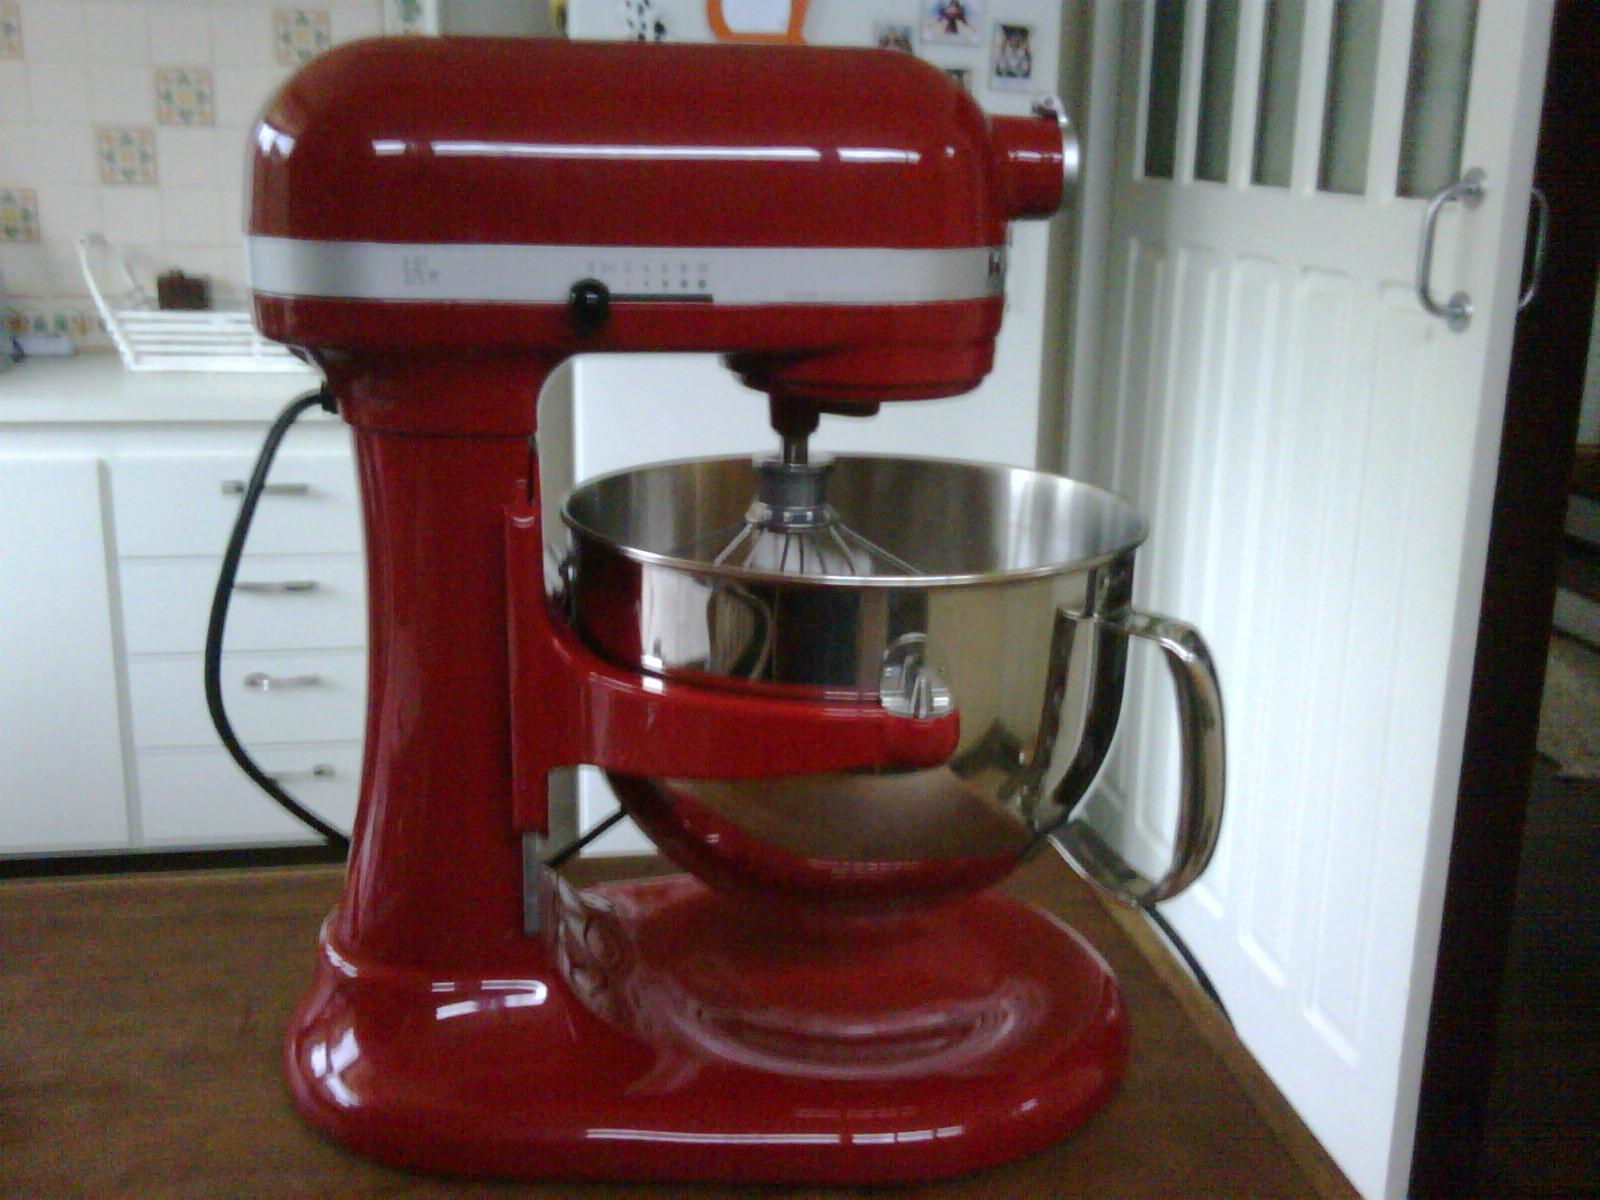 Minha KitchenAid Pro